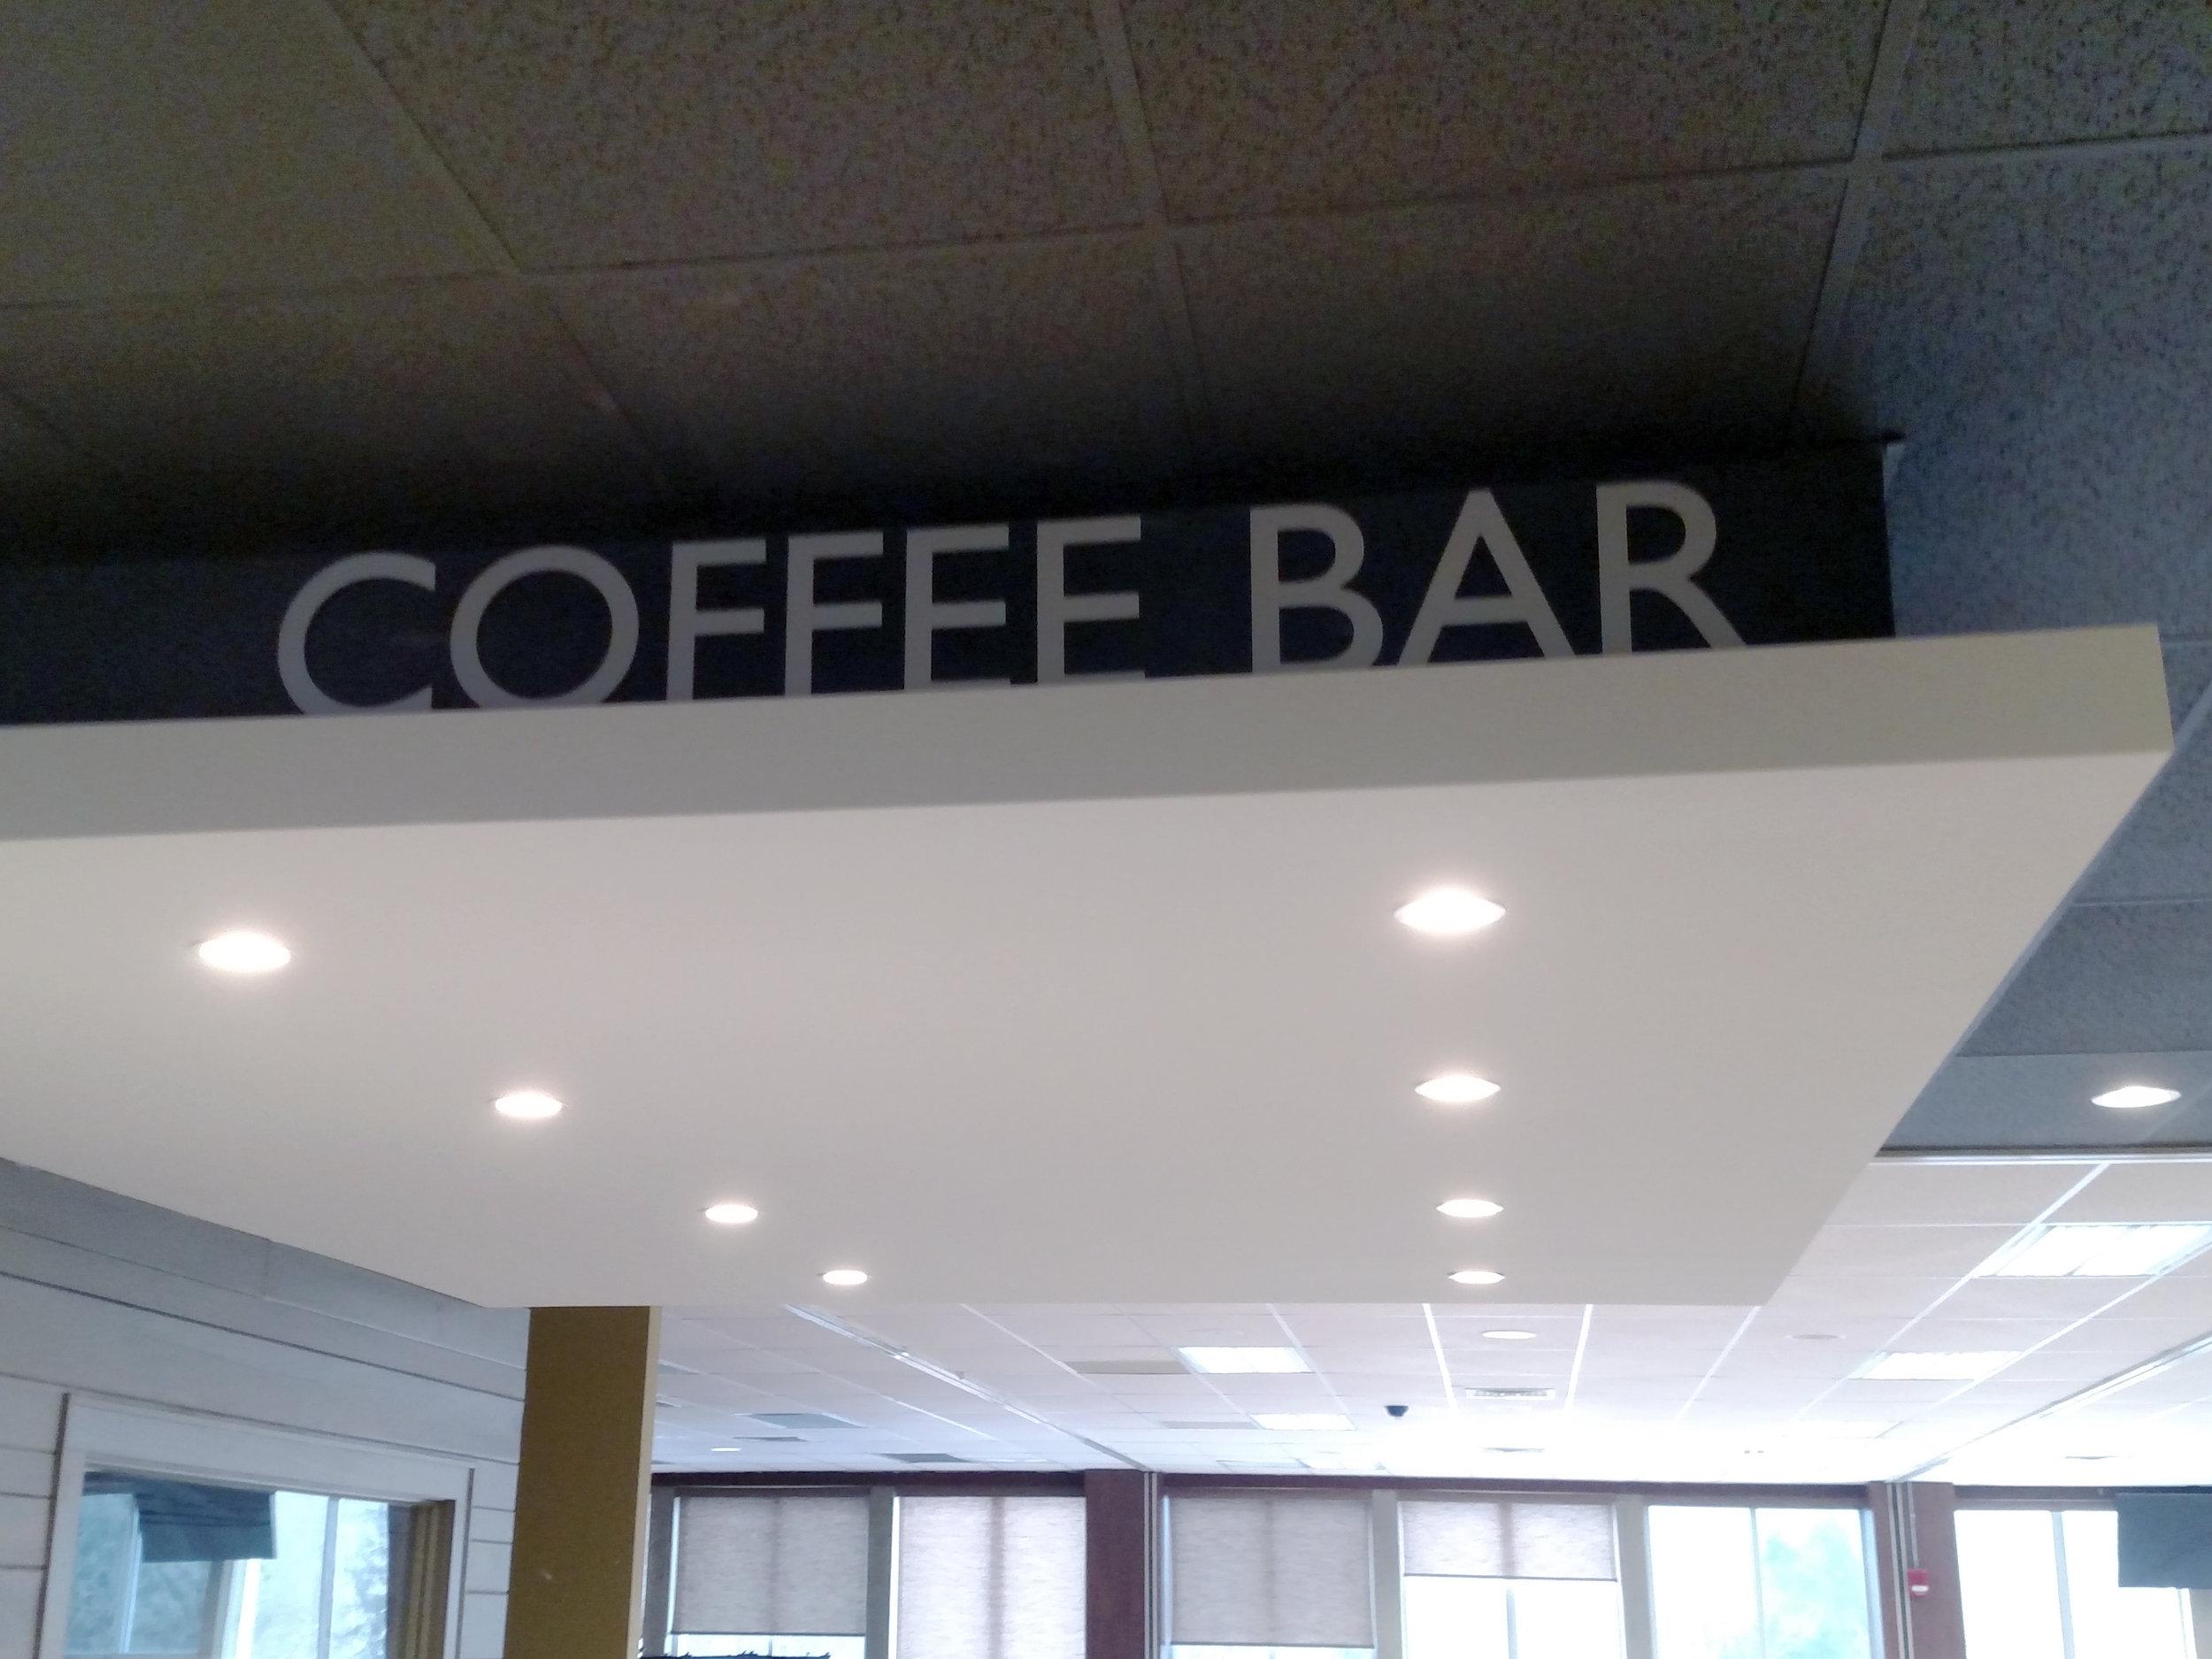 Keystone Coffee Bar Signage.jpg